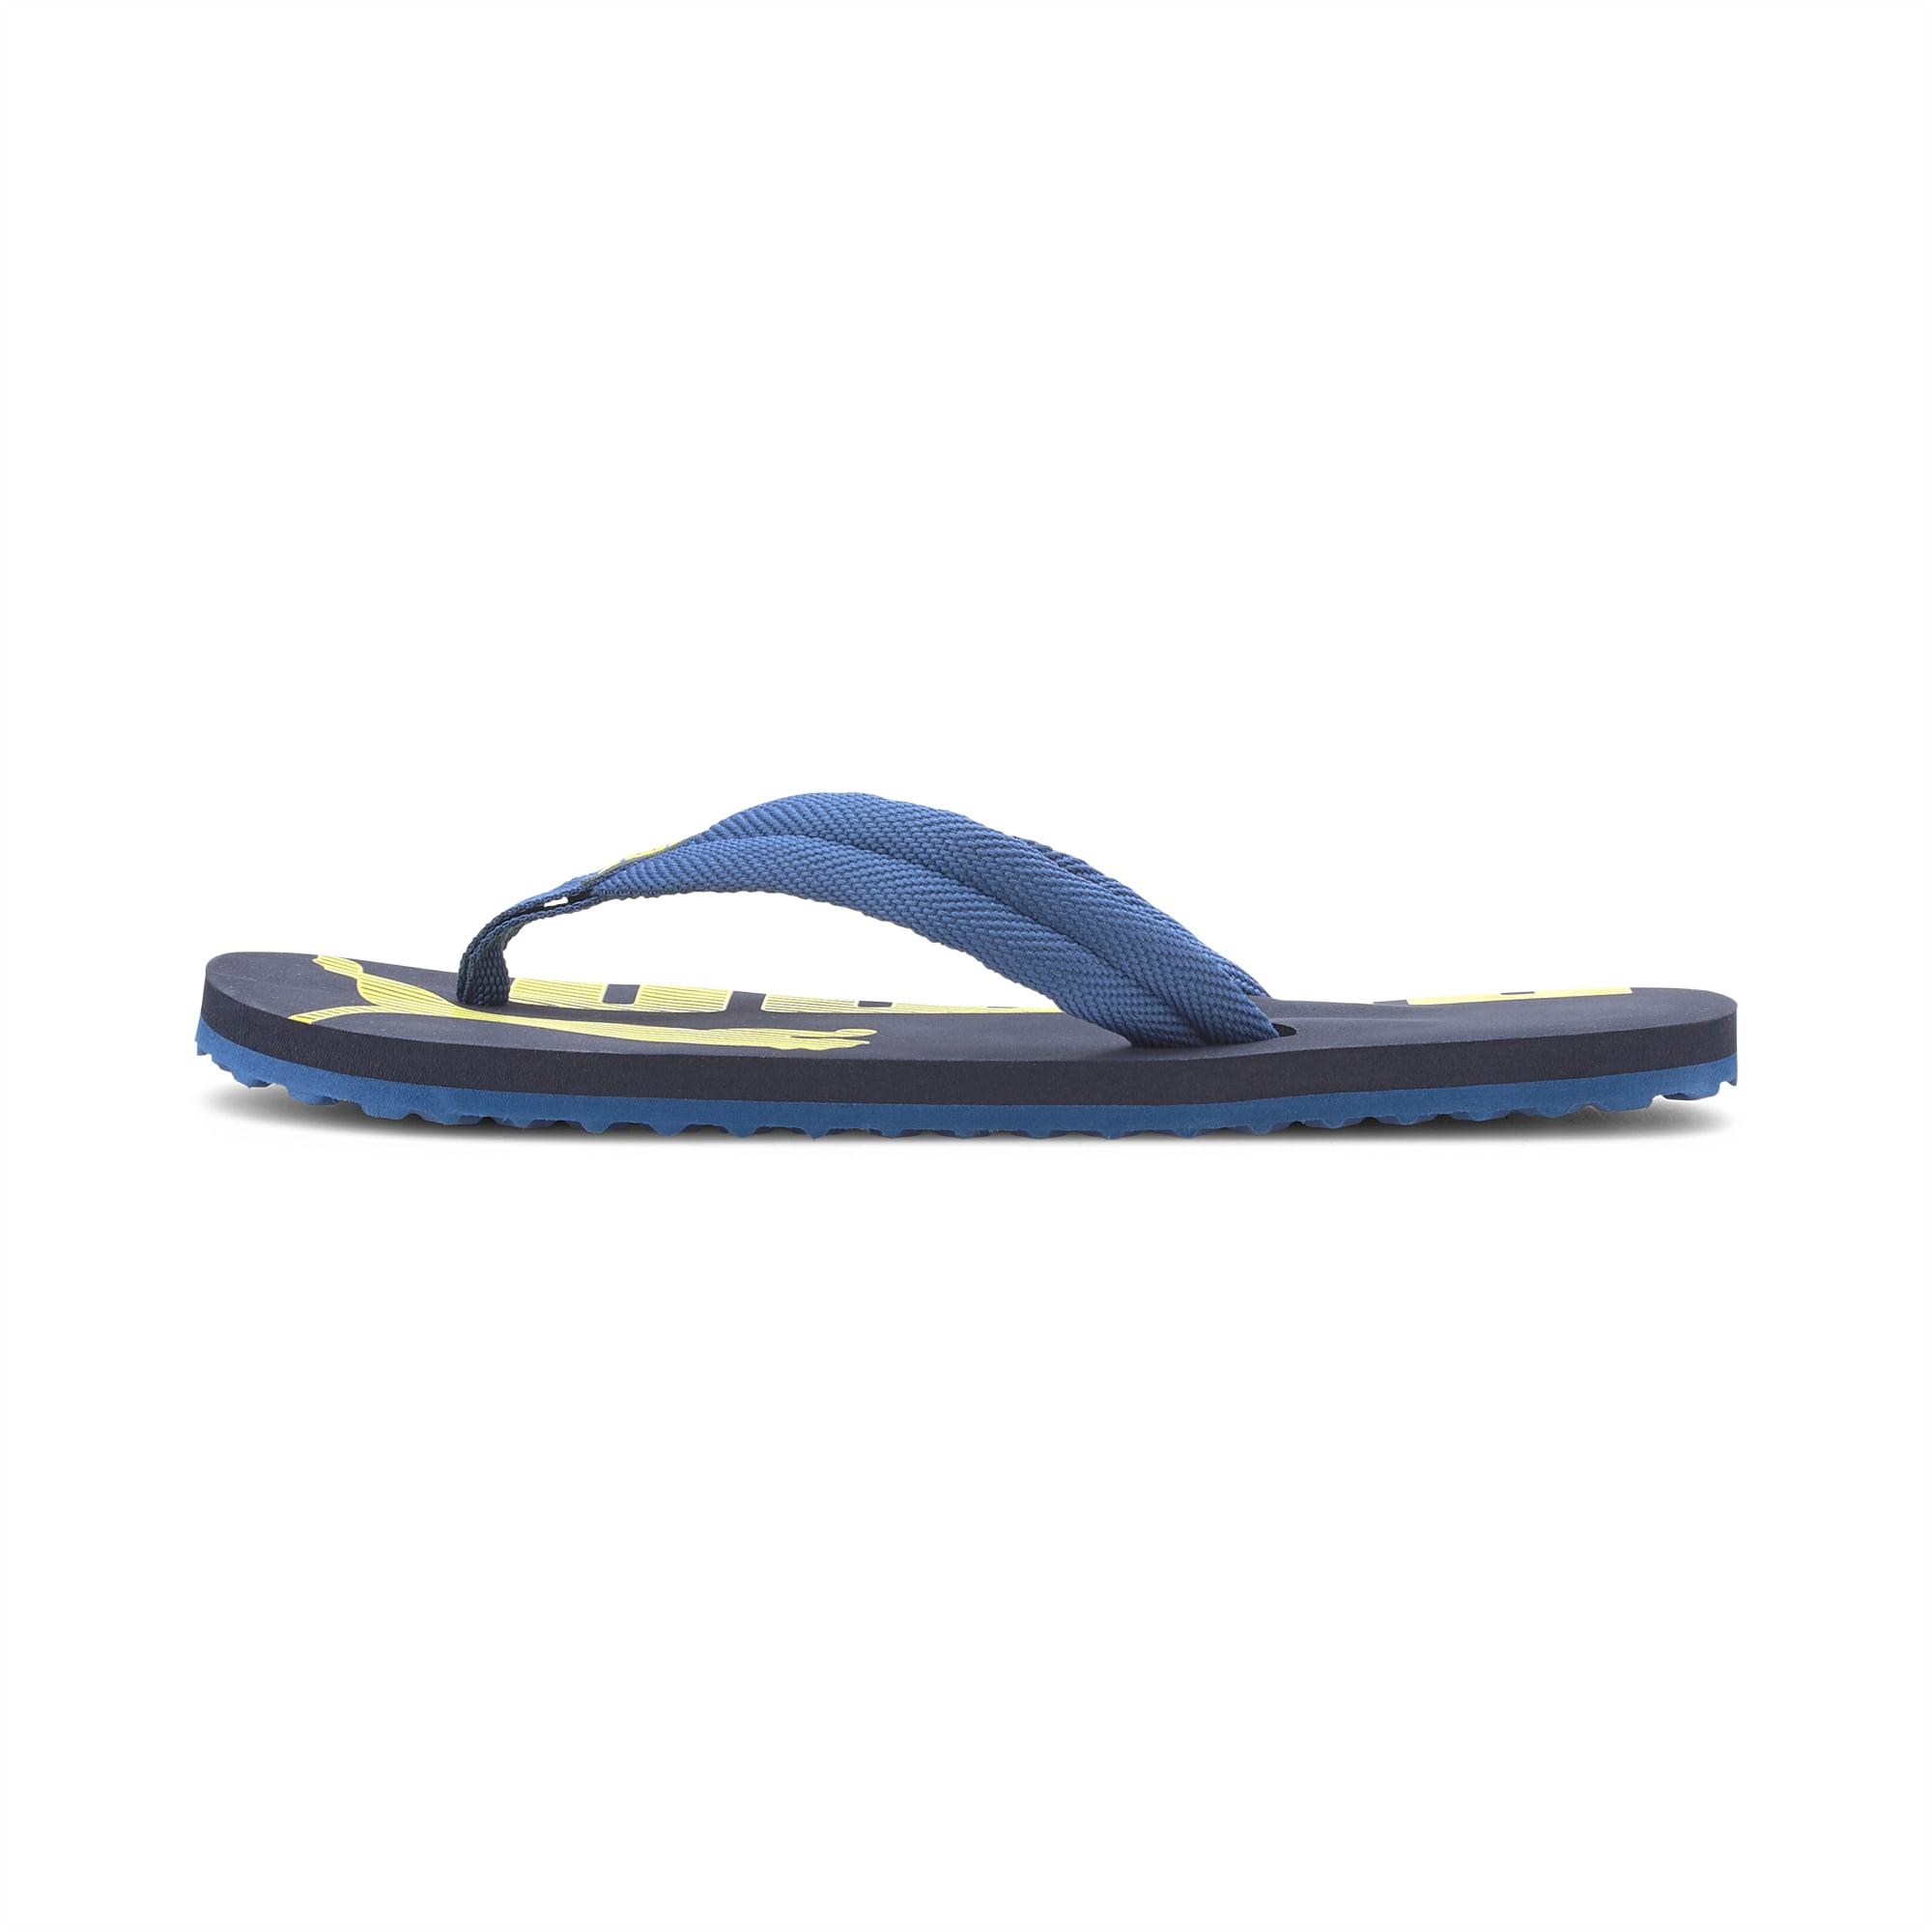 PUMA Tong Epic Flip v2 pour enfant, Bleu, Taille 39, Chaussures